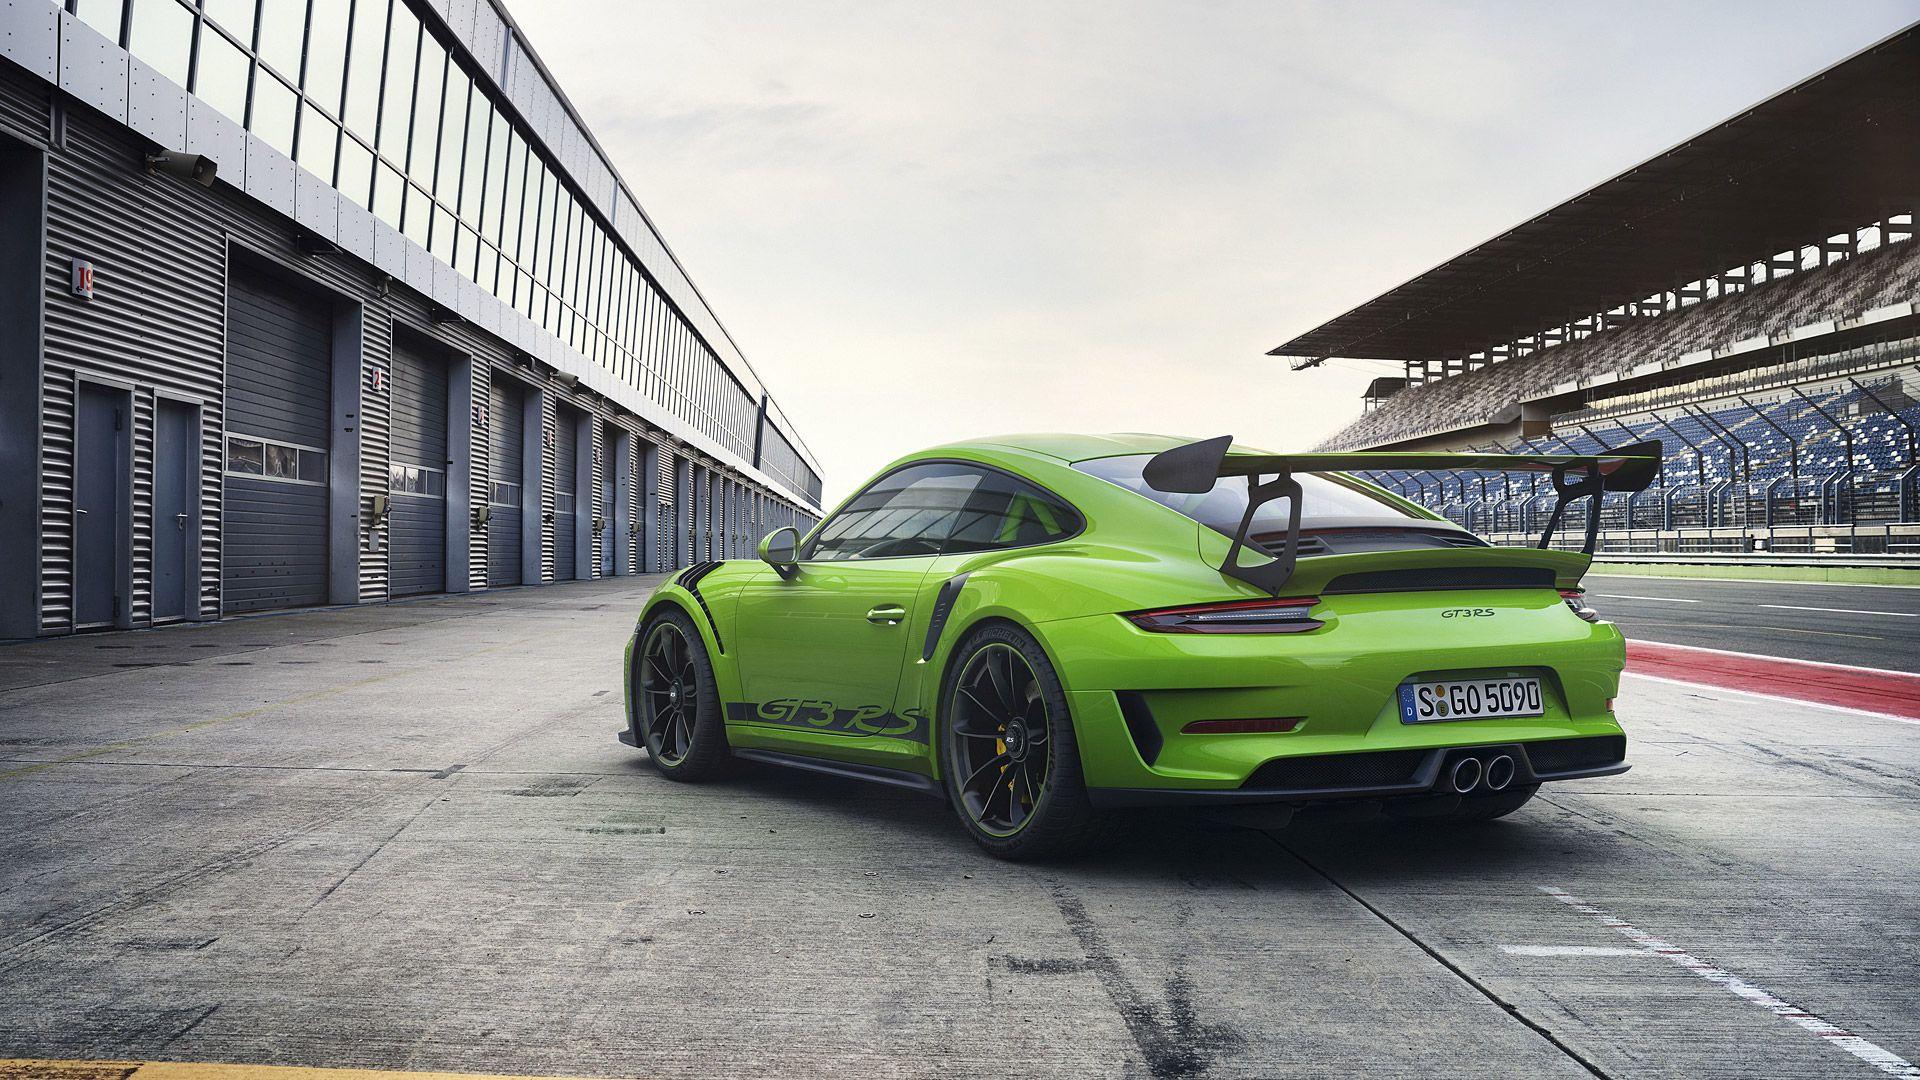 Porsche 911 Gt3 Rs Hd Wallpapers Wallpaper Cave